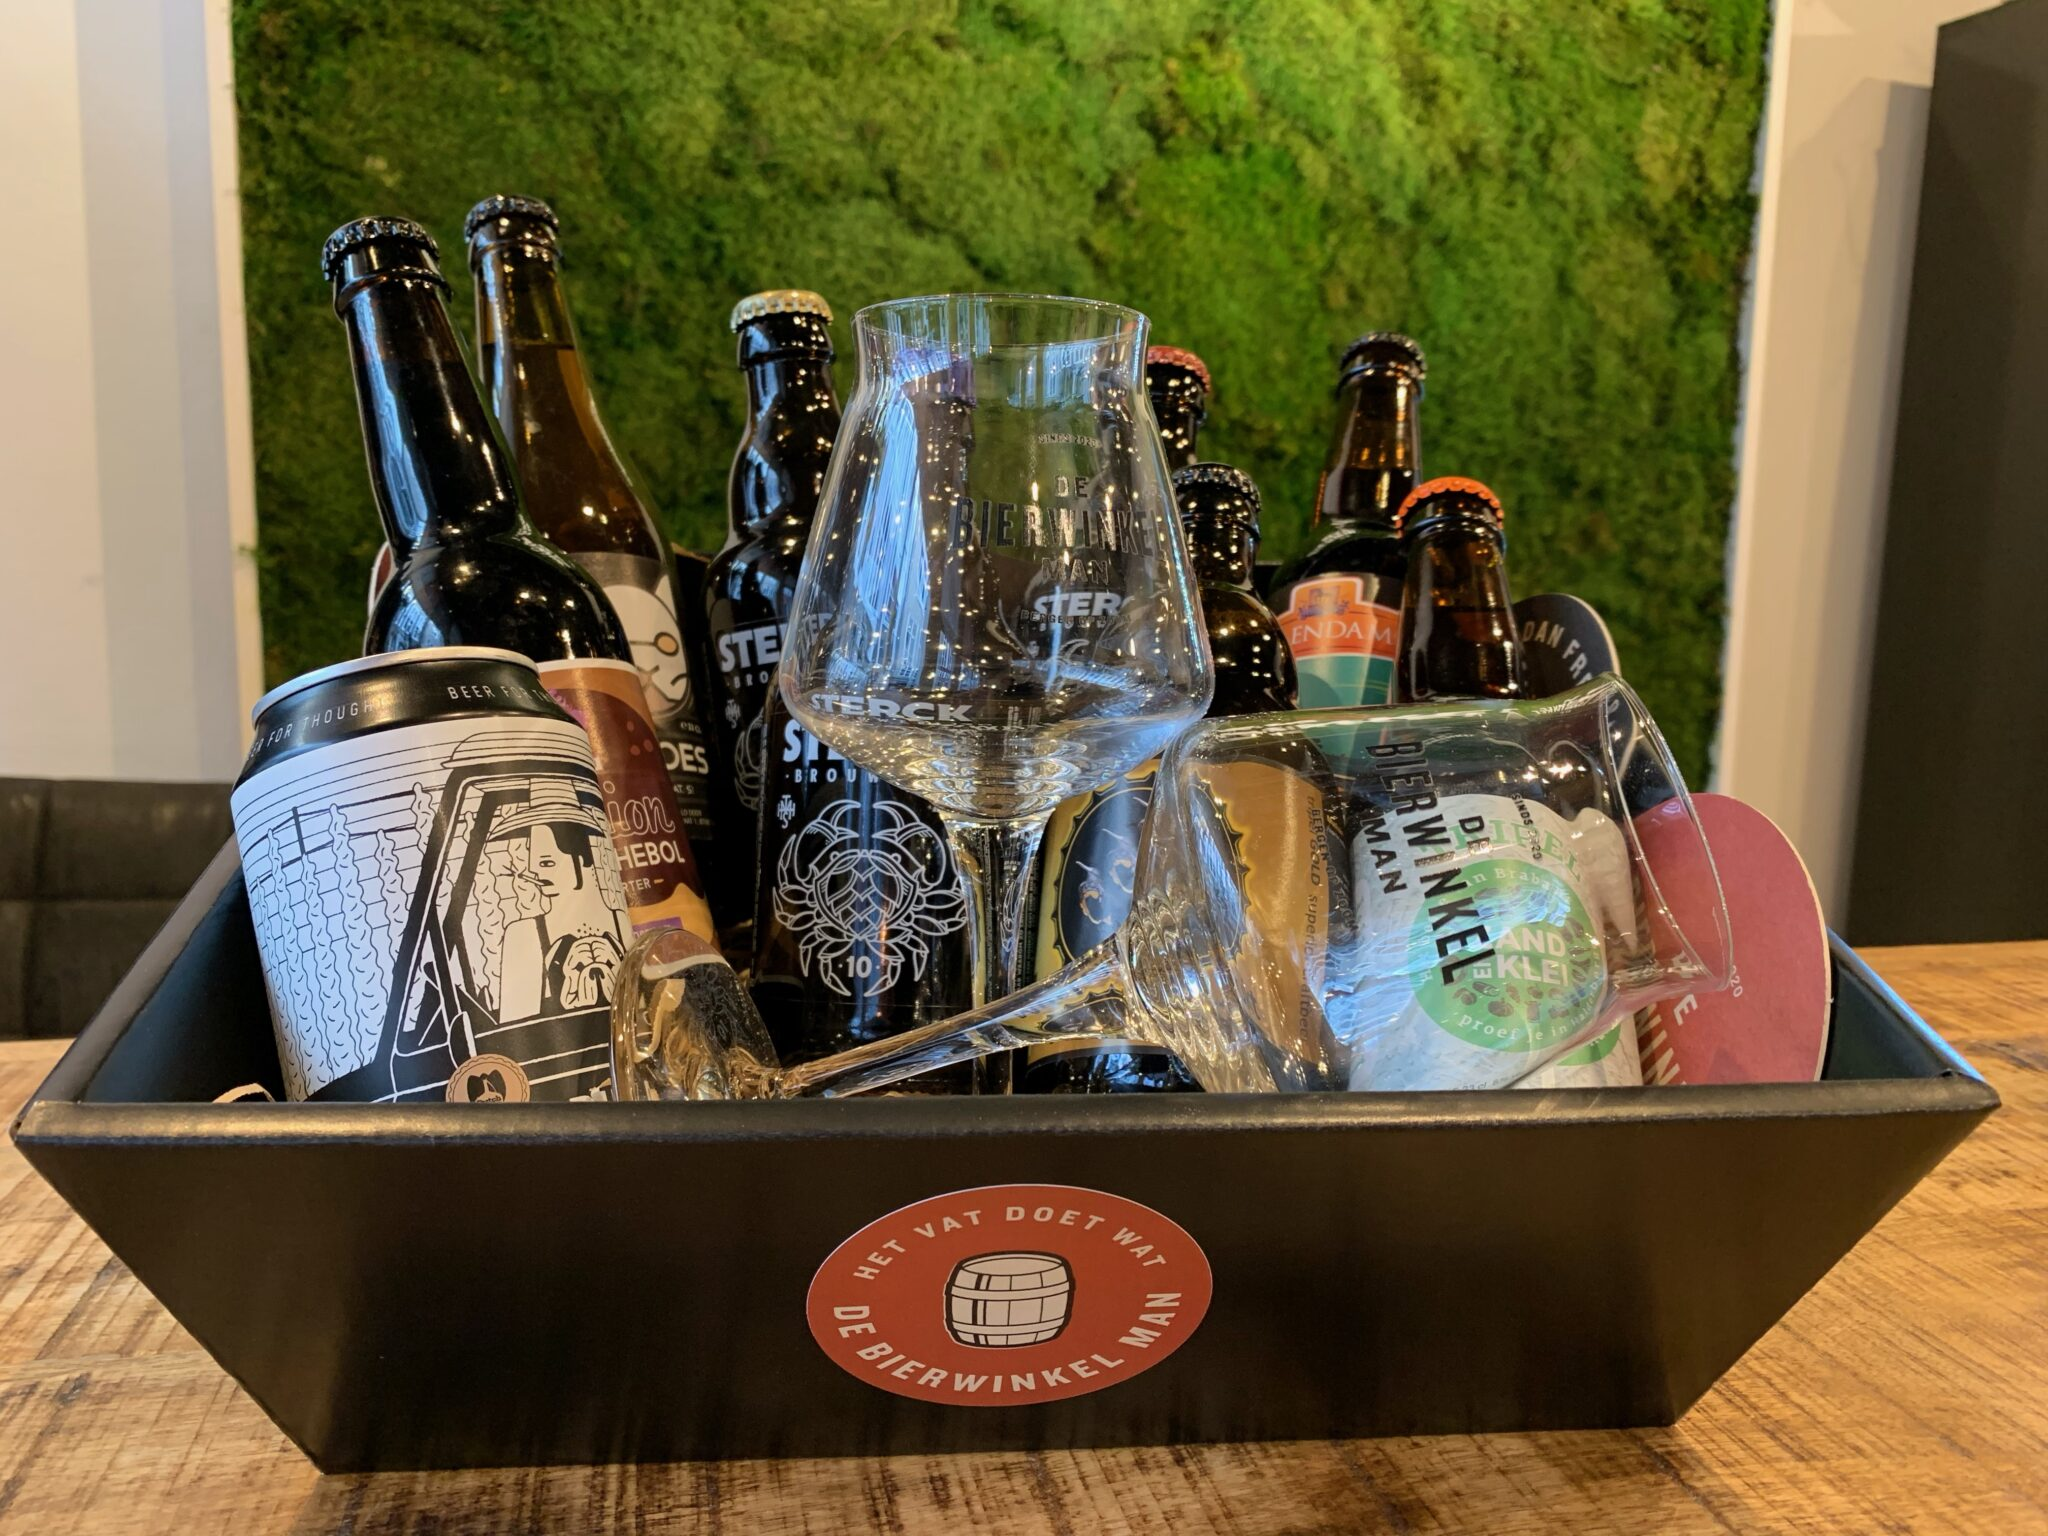 winactie bergen op zoom de bierwinkel man bergen op zoom winnen winactie speciaalbier bier bieren drank alcohol